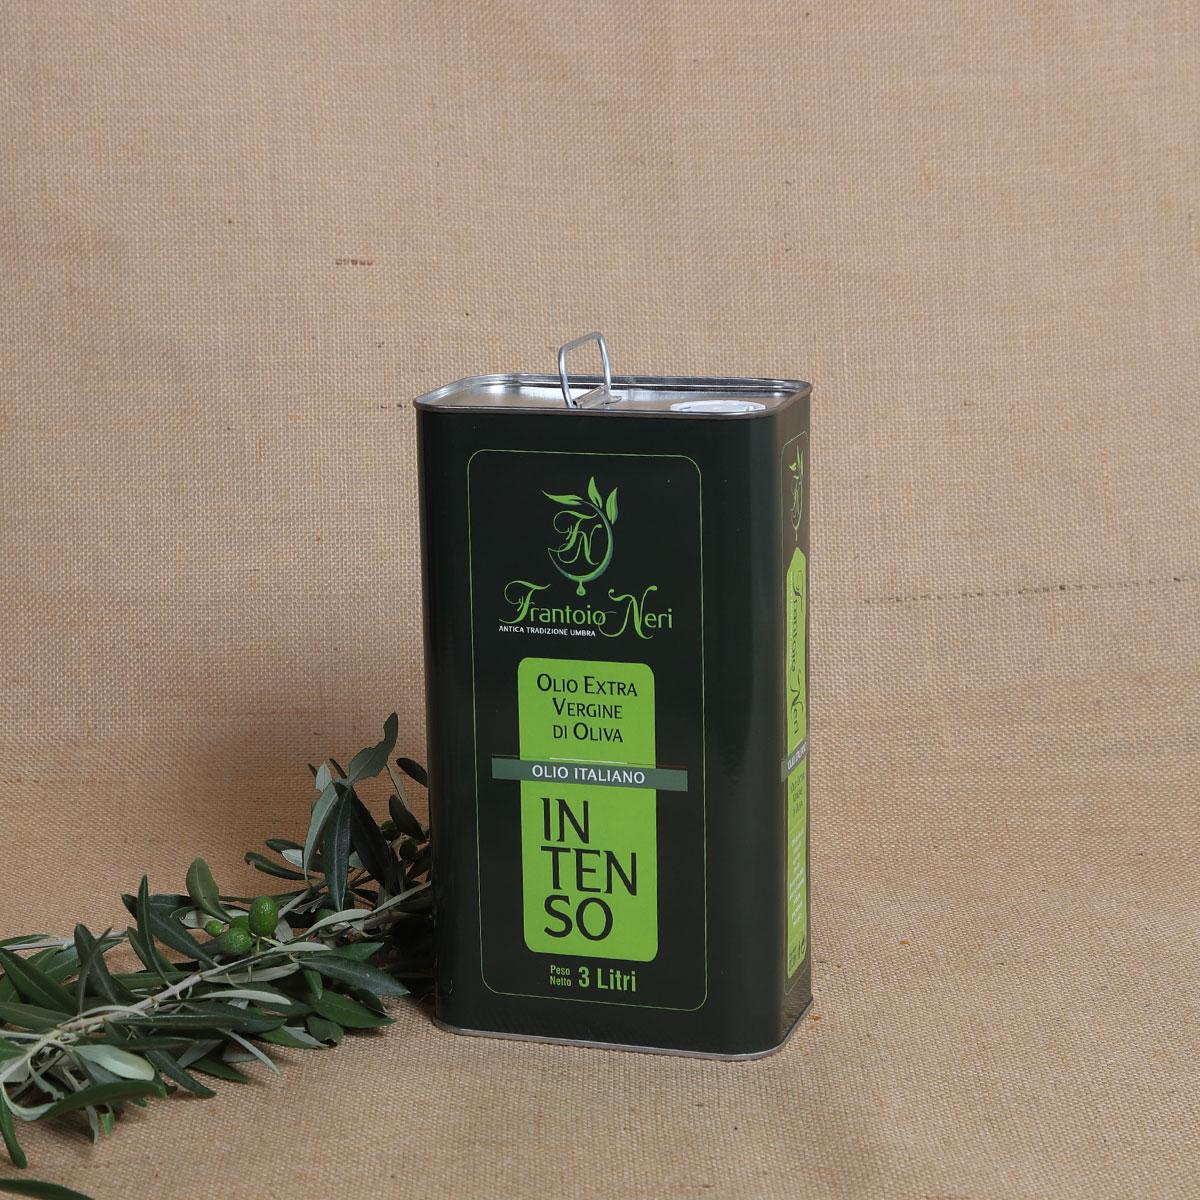 olio-extravergine-oliva-3l-sapori-terra-umbria